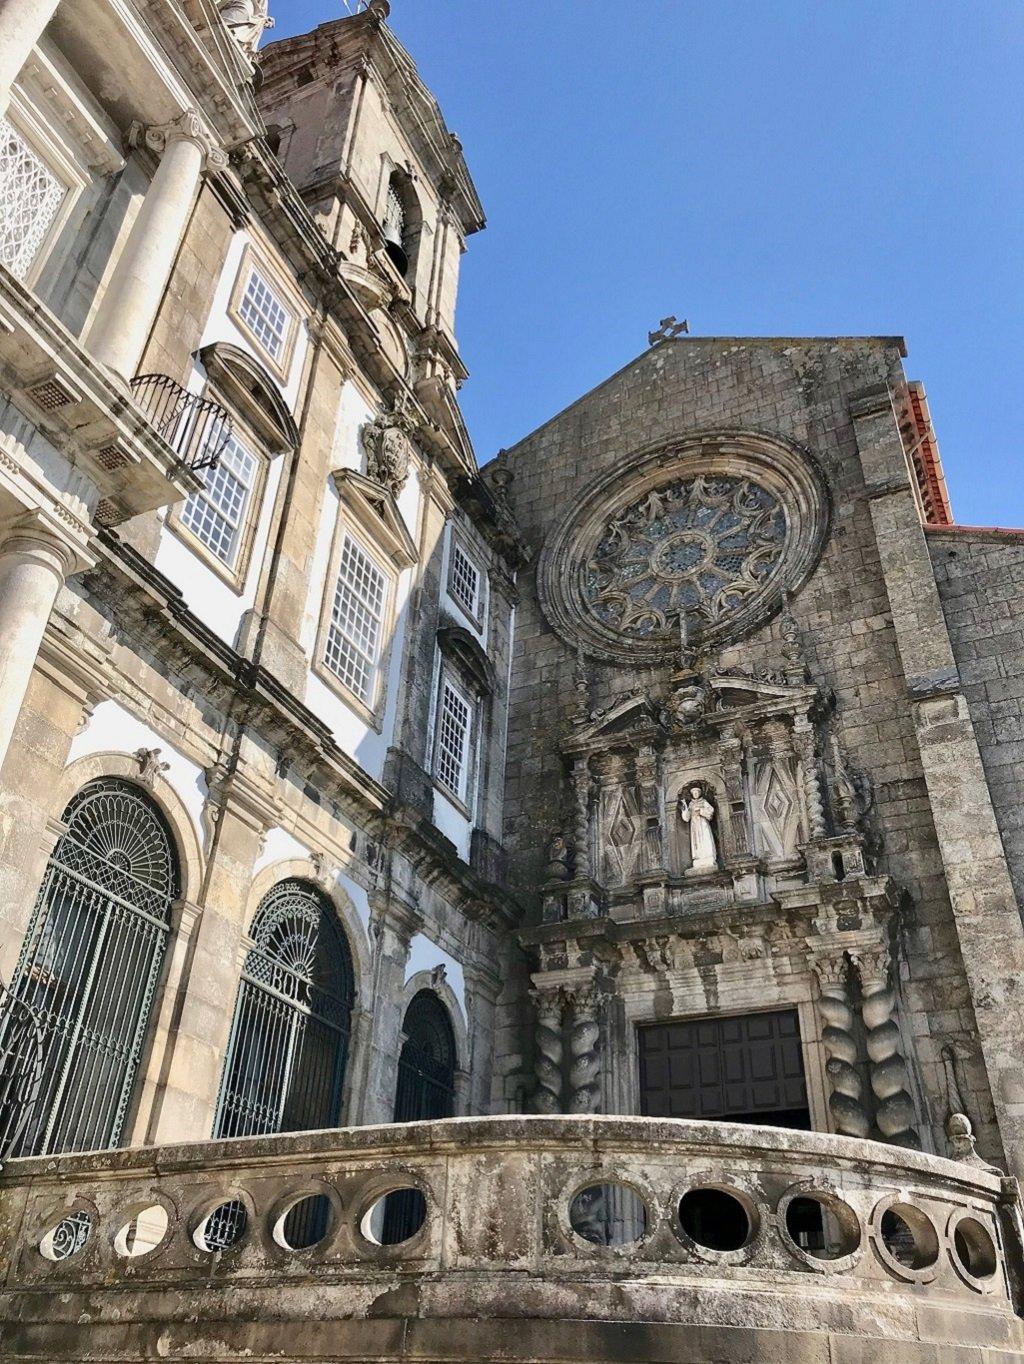 The facade of Igreja de São Francisco in Porto